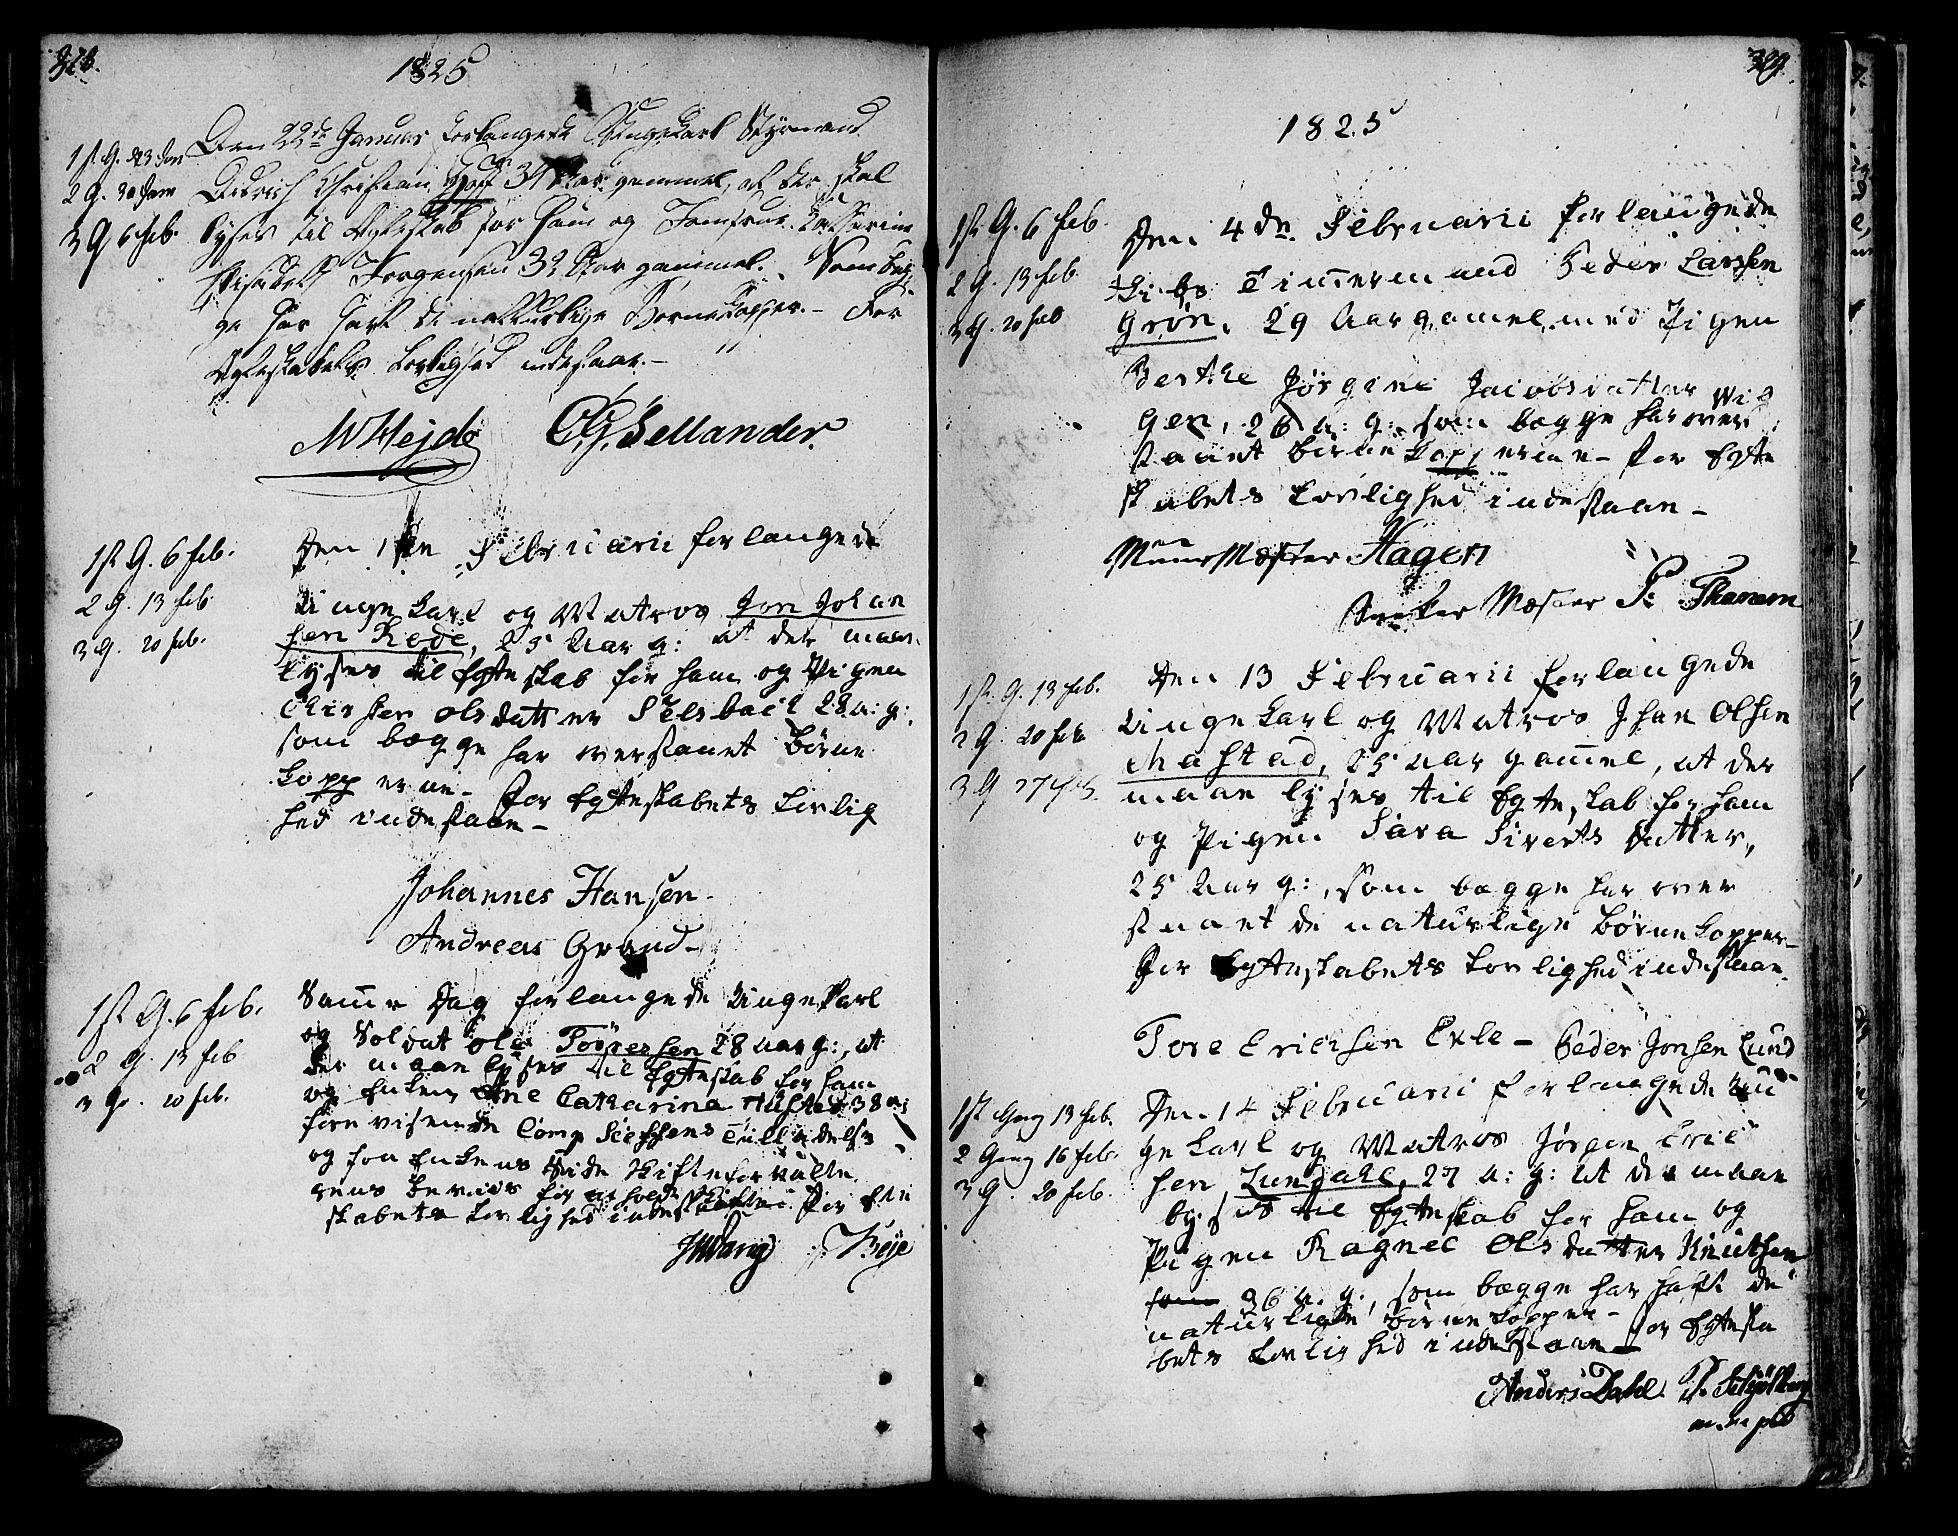 SAT, Ministerialprotokoller, klokkerbøker og fødselsregistre - Sør-Trøndelag, 601/L0042: Ministerialbok nr. 601A10, 1802-1830, s. 328-329